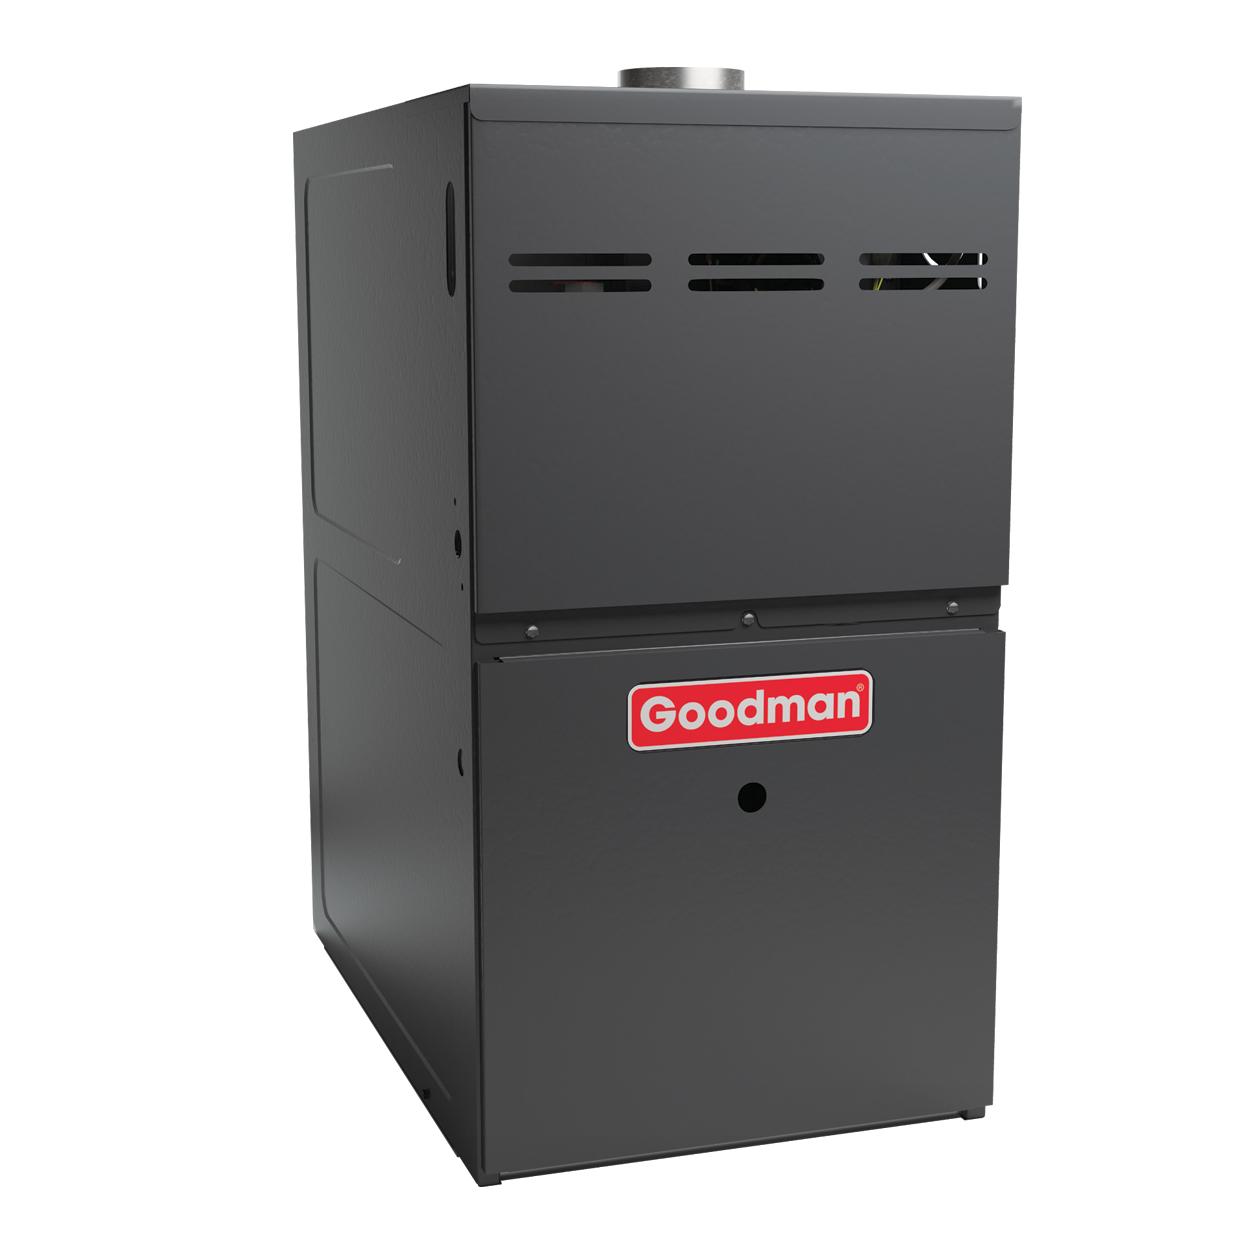 Goodman Gas Furnace - 80,000 BTU 80% Natural Gas Or Propane Two Stage Upflow/Horizontal - GMEC800805CN